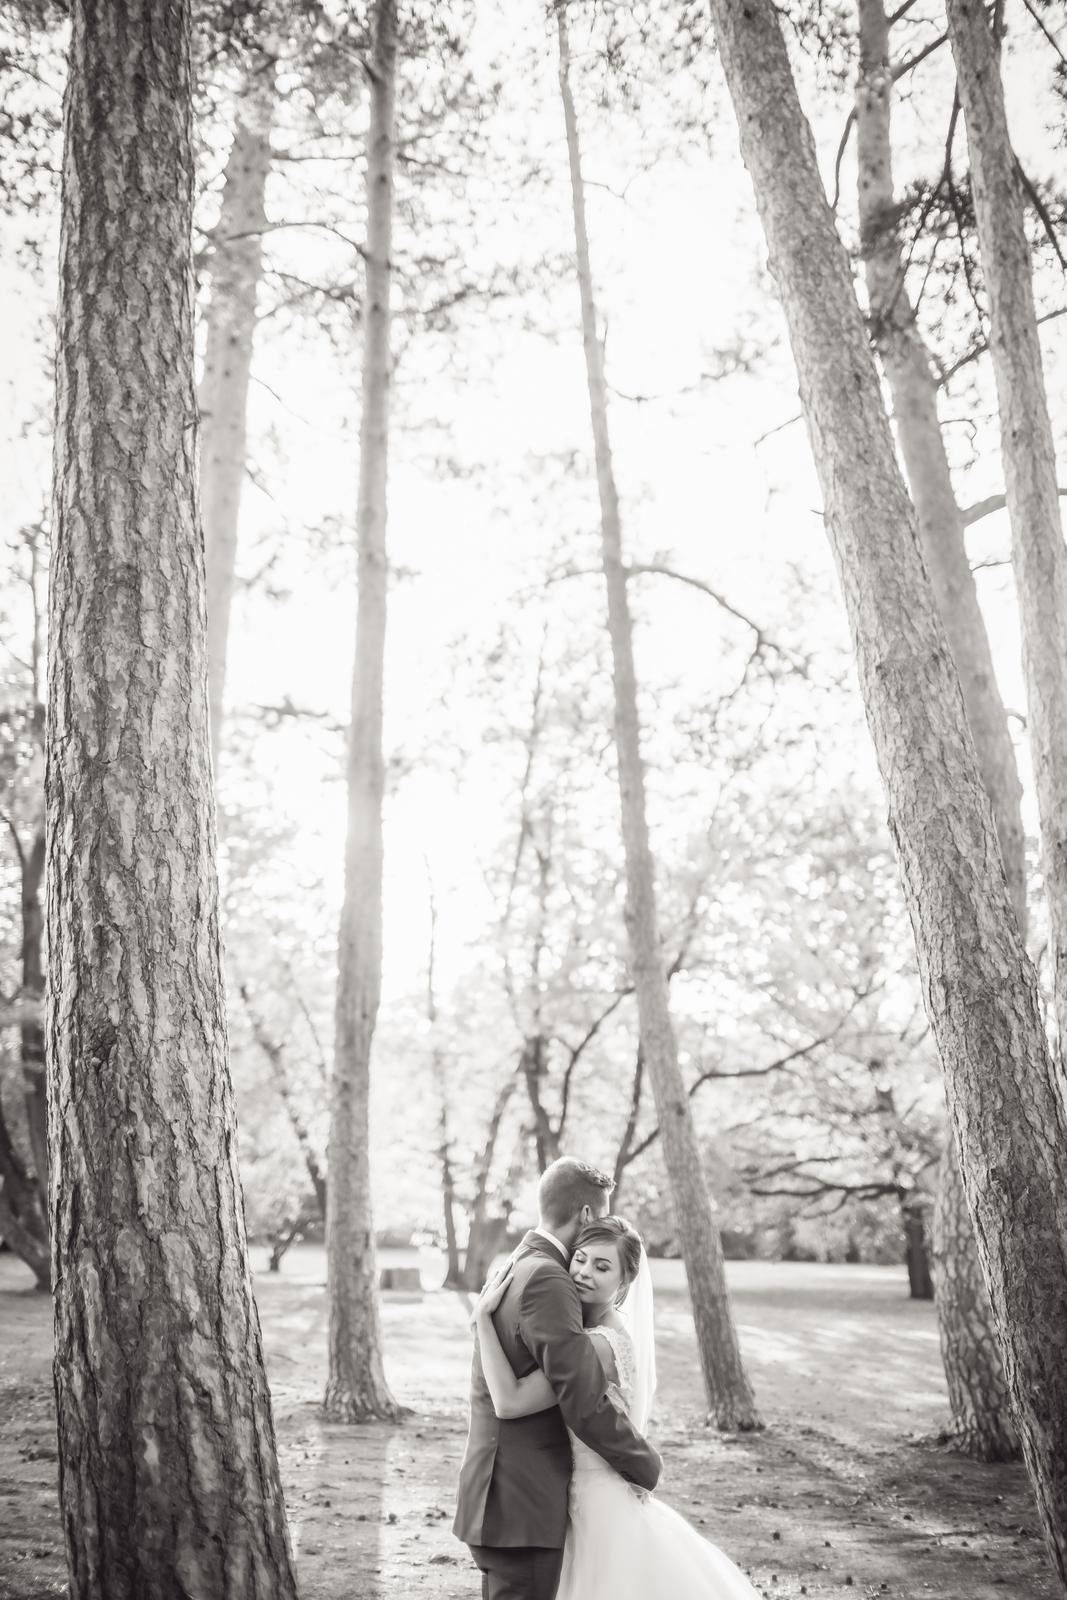 Veronika & Vlado - Obrázok č. 33